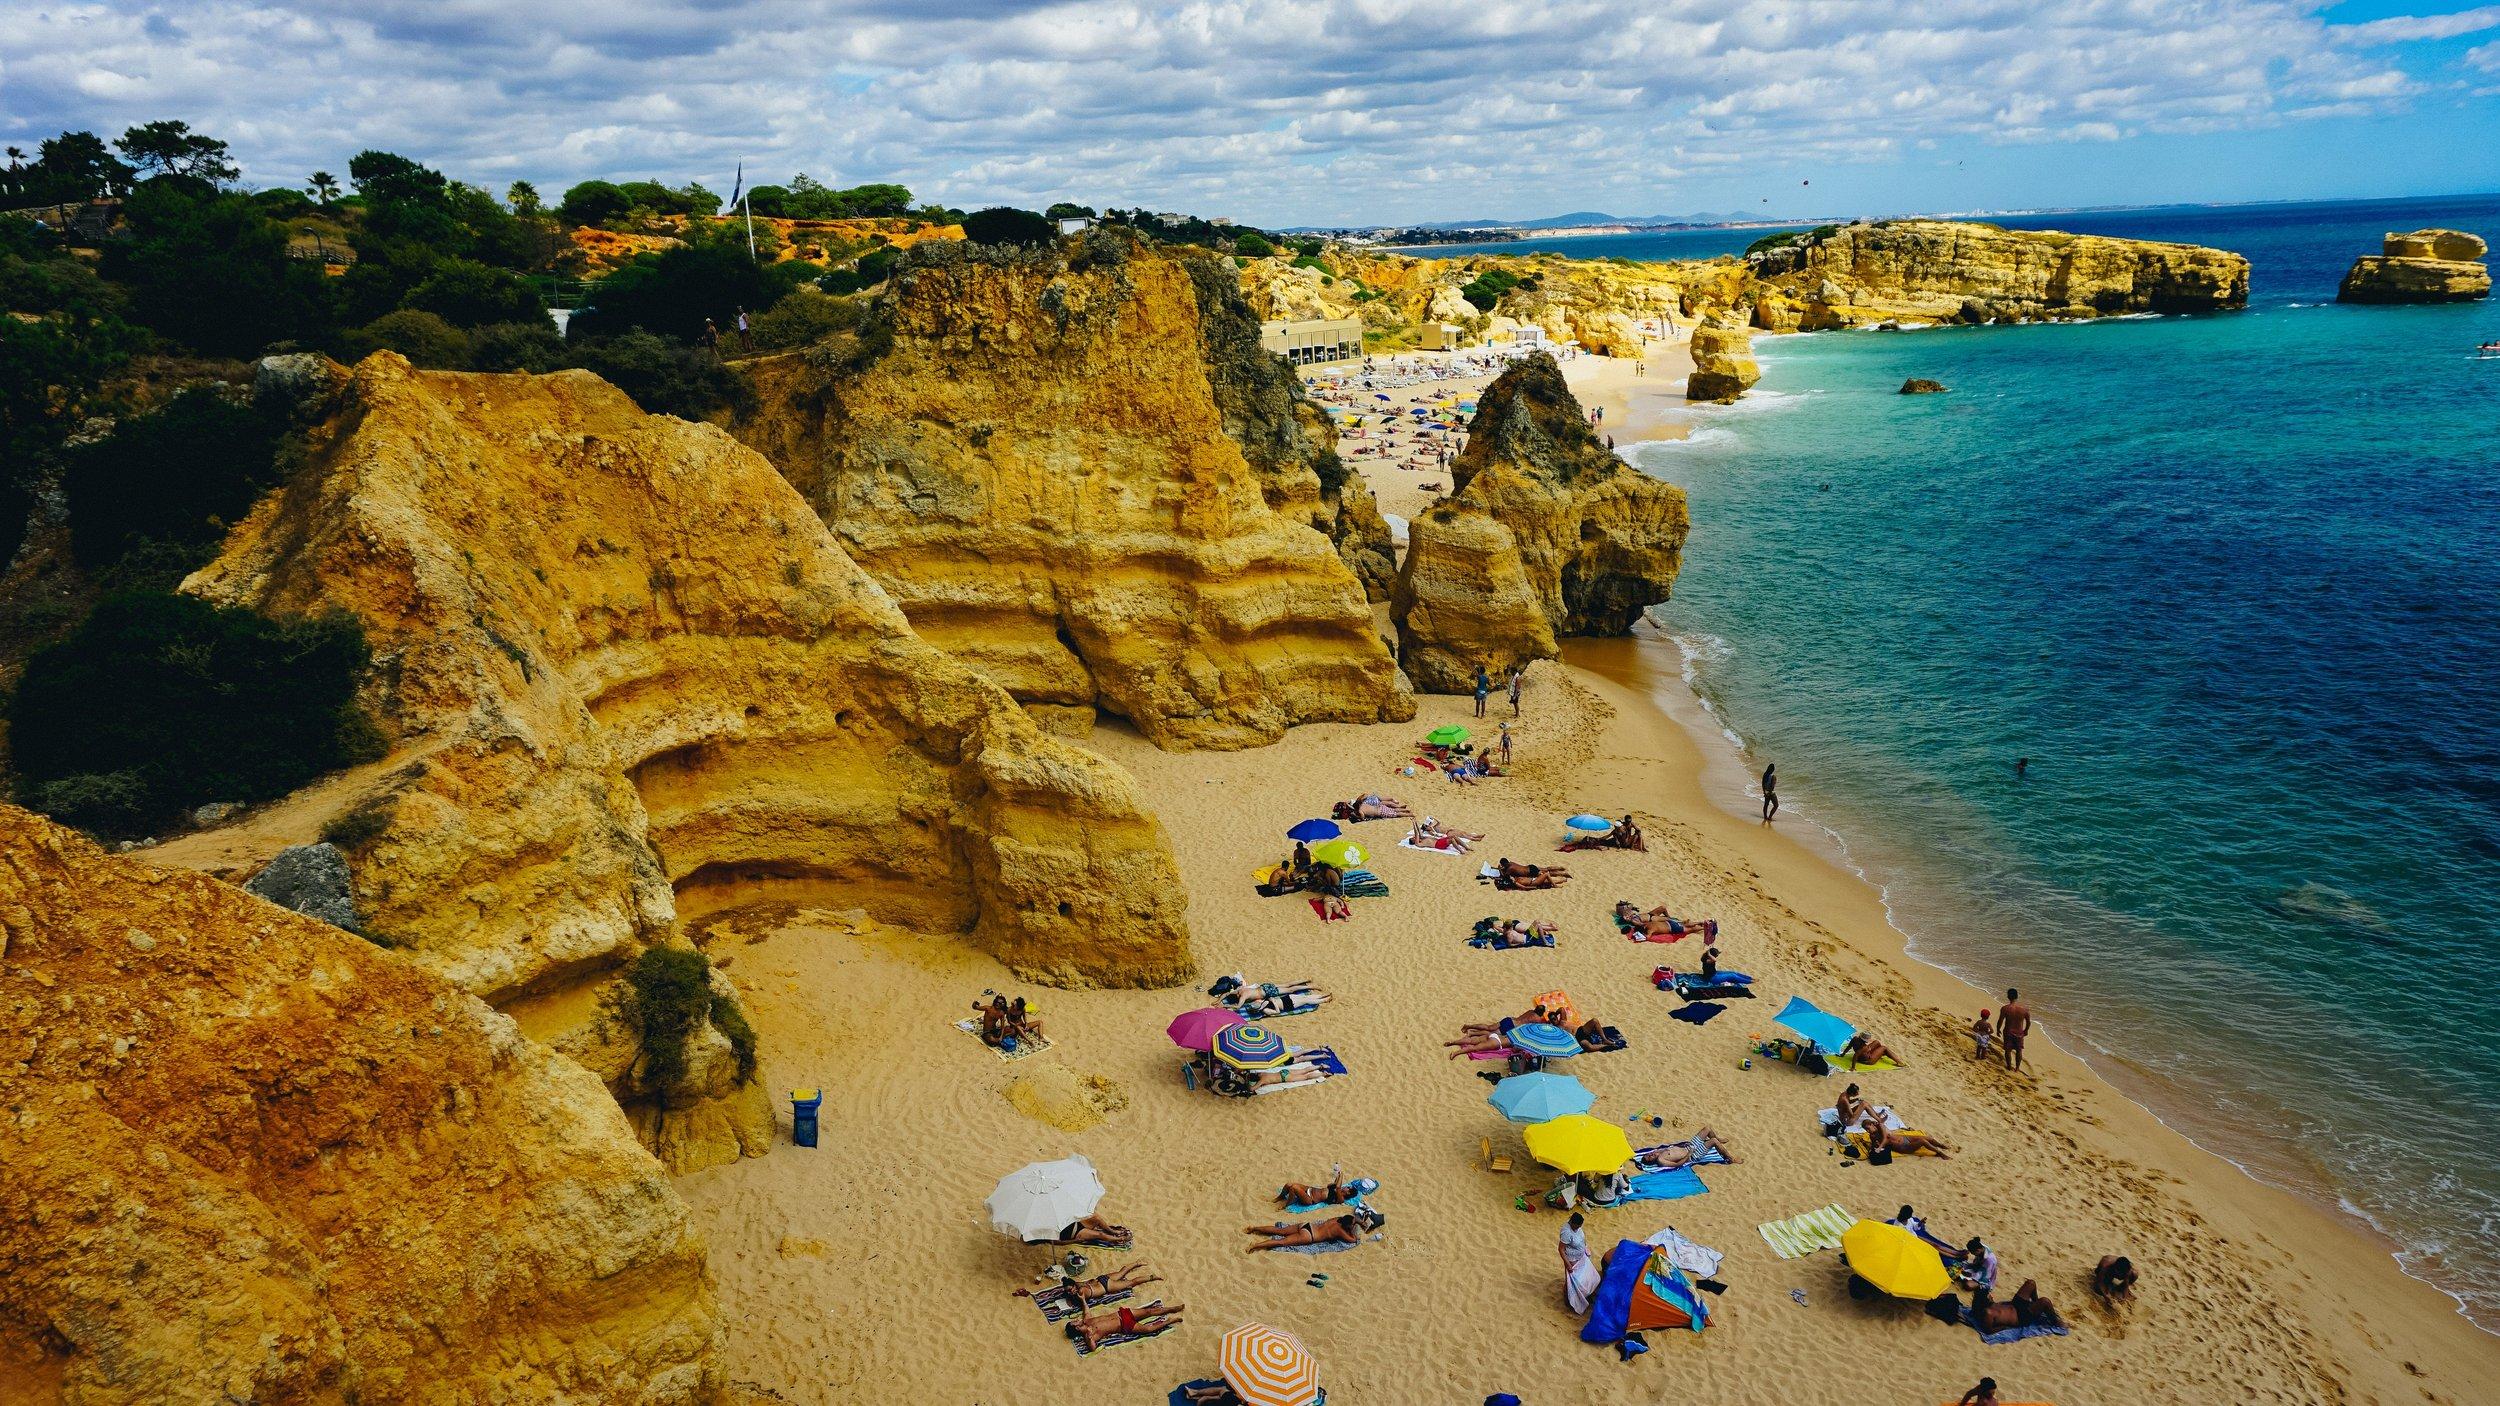 portugal-beach-cliffs_4460x4460.jpg